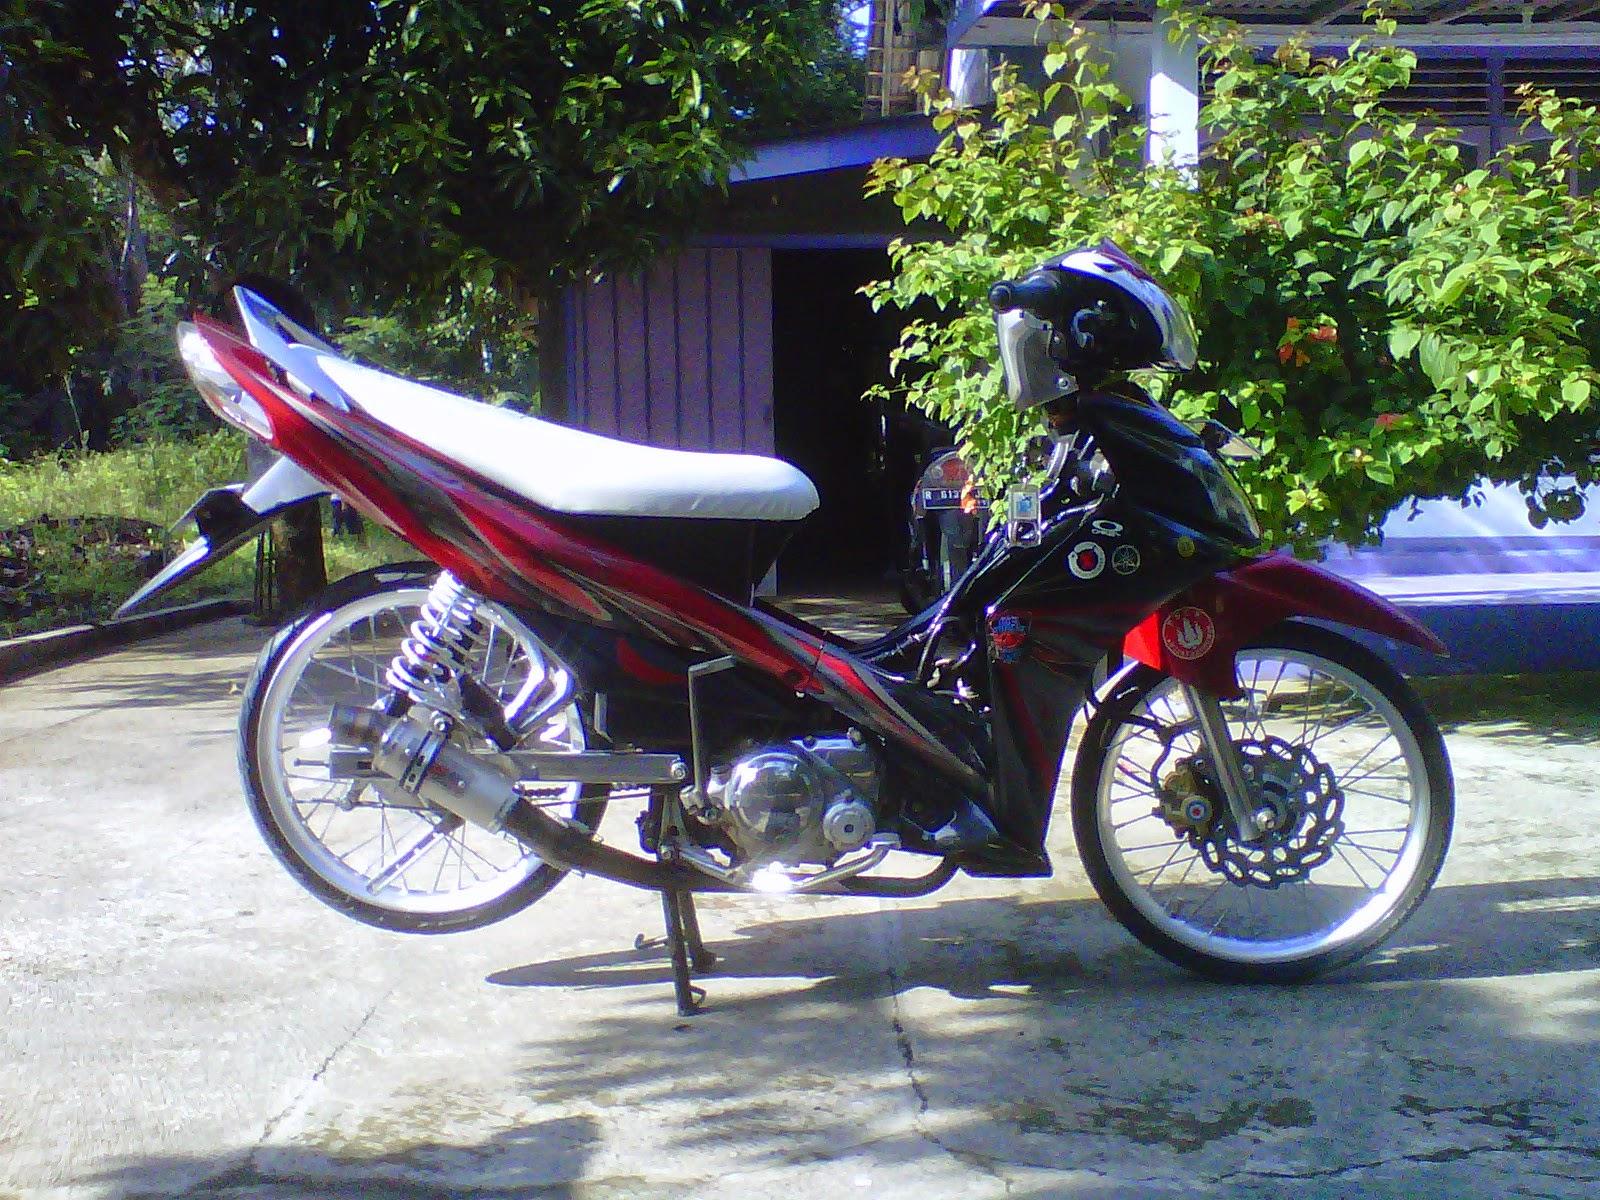 modifikasi motor jupiter mx standar sederhana minimalis terbaru